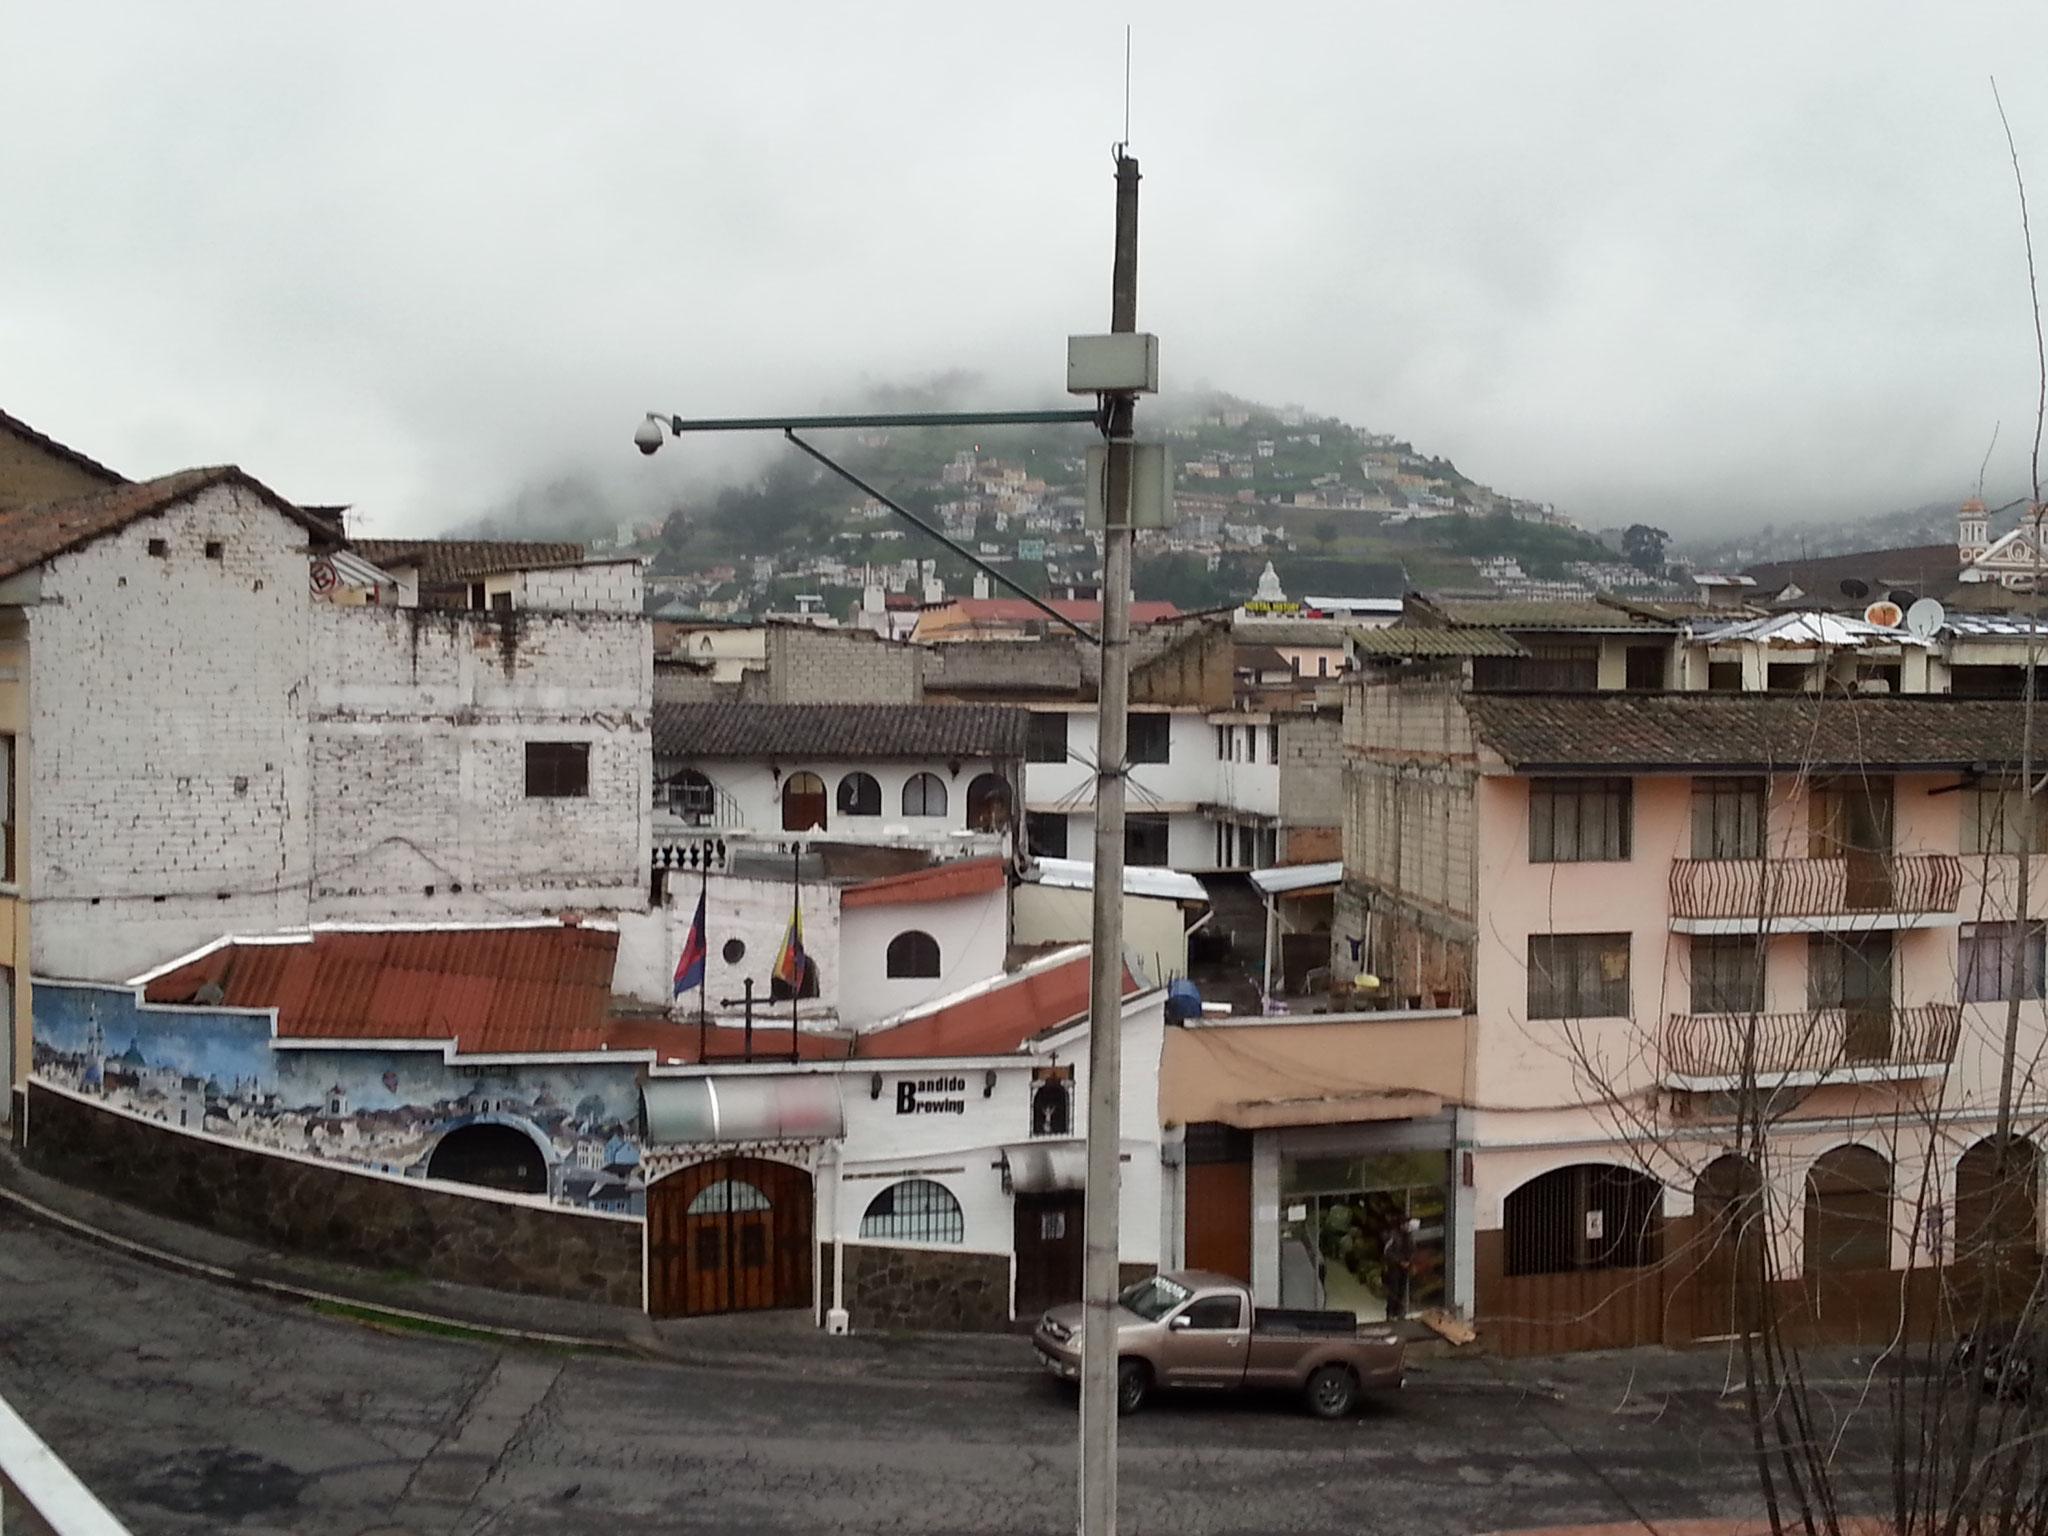 Du Community hostel, le pub Bandidos et en arrière plan lomas Panacillo